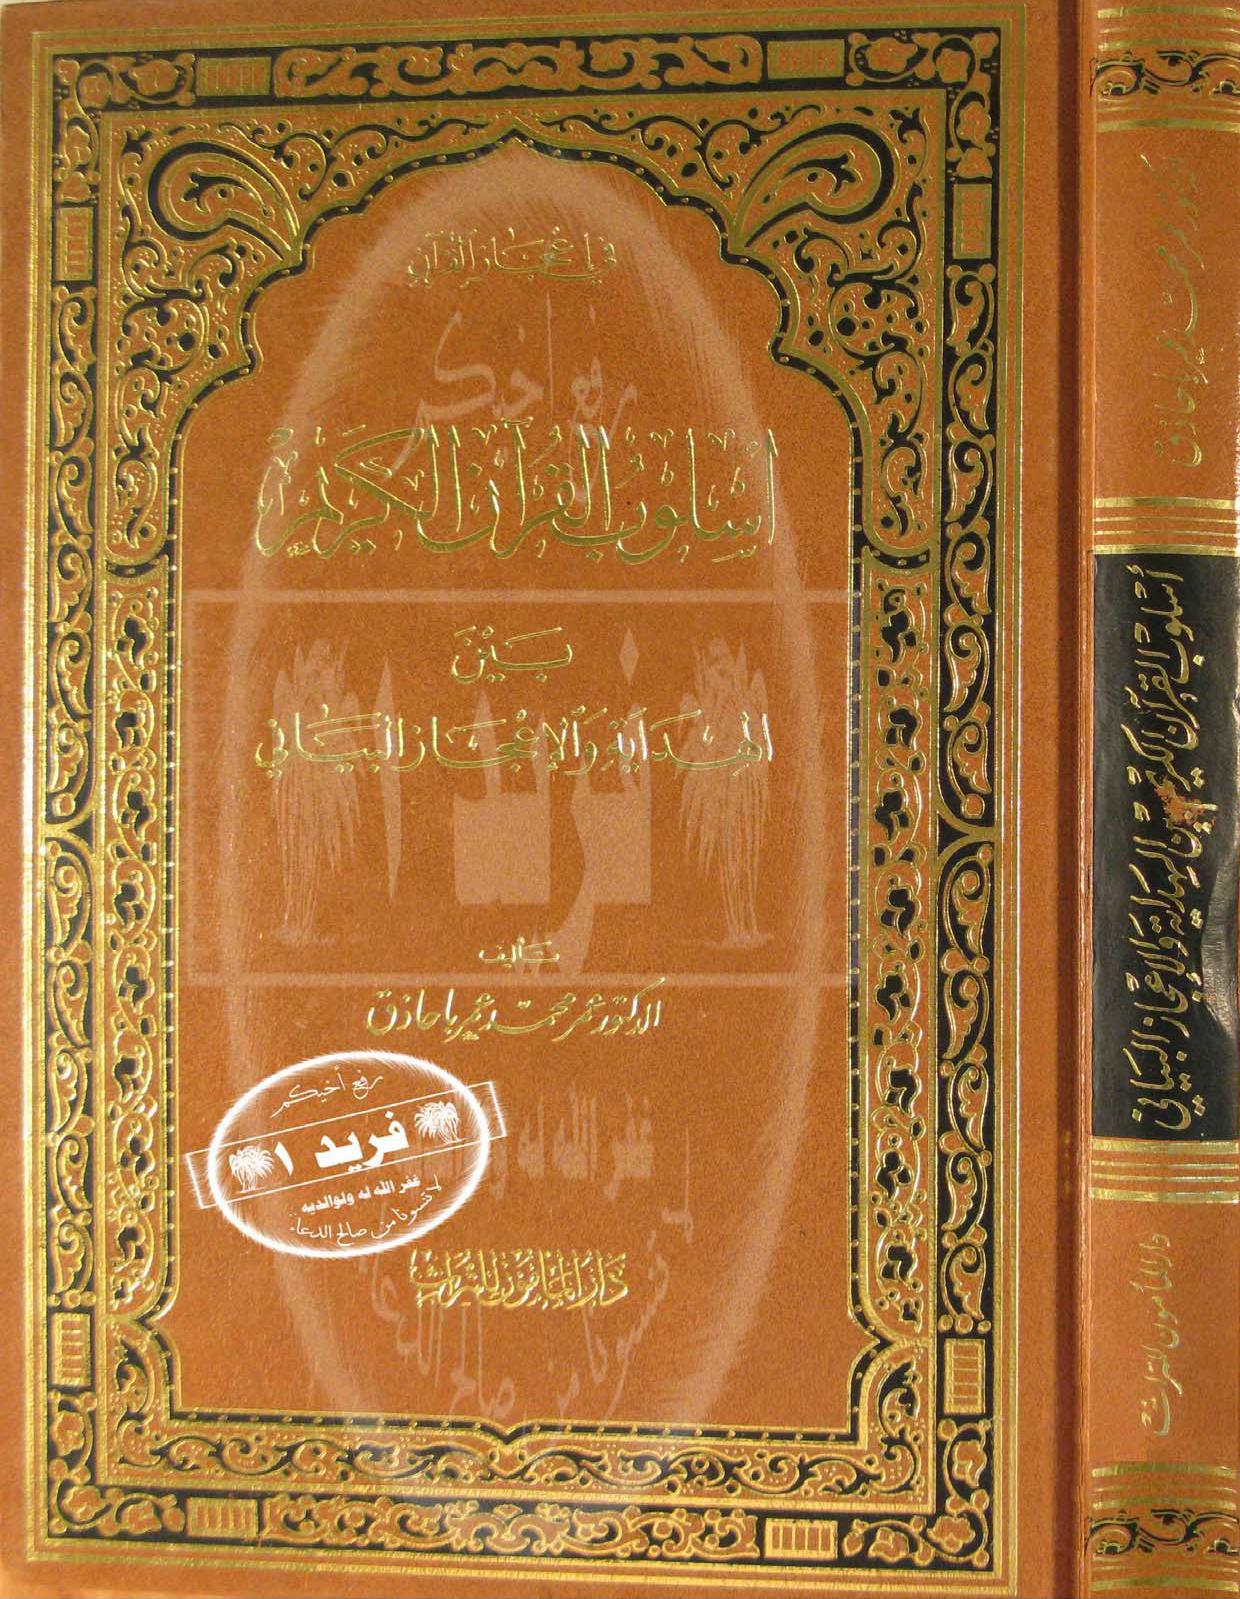 تحميل كتاب أسلوب القرآن الكريم بين الهداية والإعجاز البياني لـِ: الدكتور عمر محمد عمر باحاذق